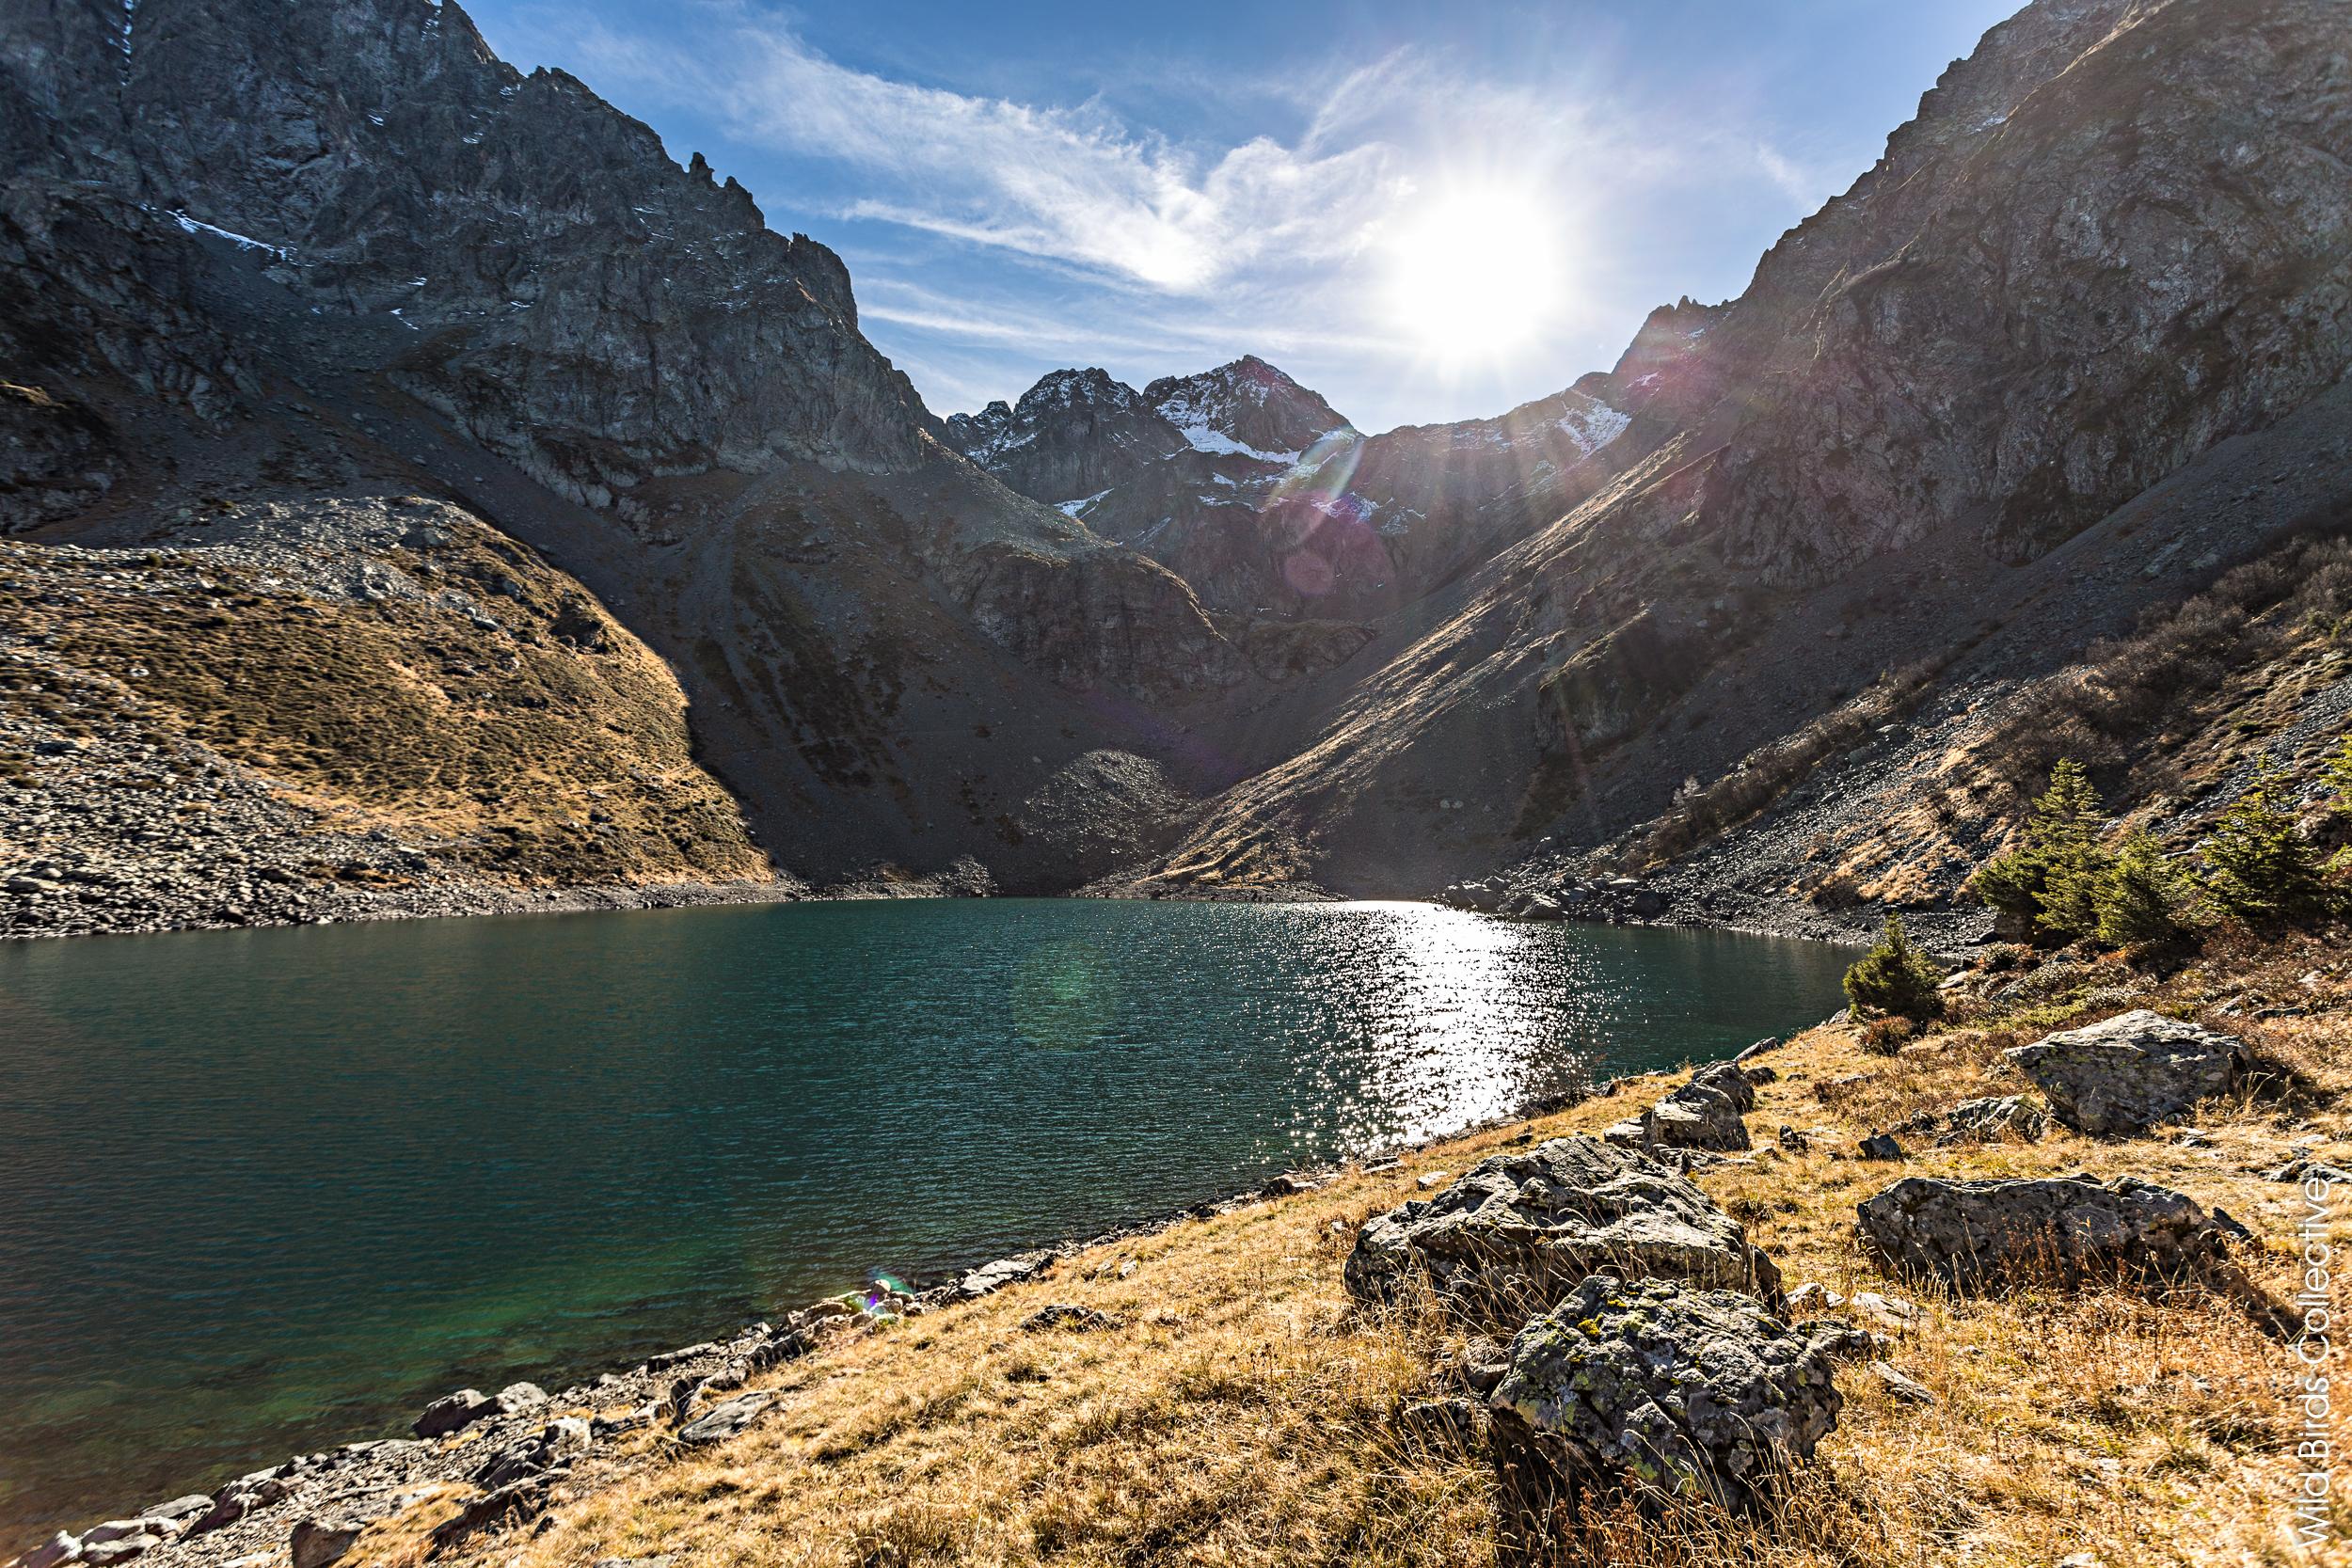 Balade dans les Alpes : Le Lac de Crop